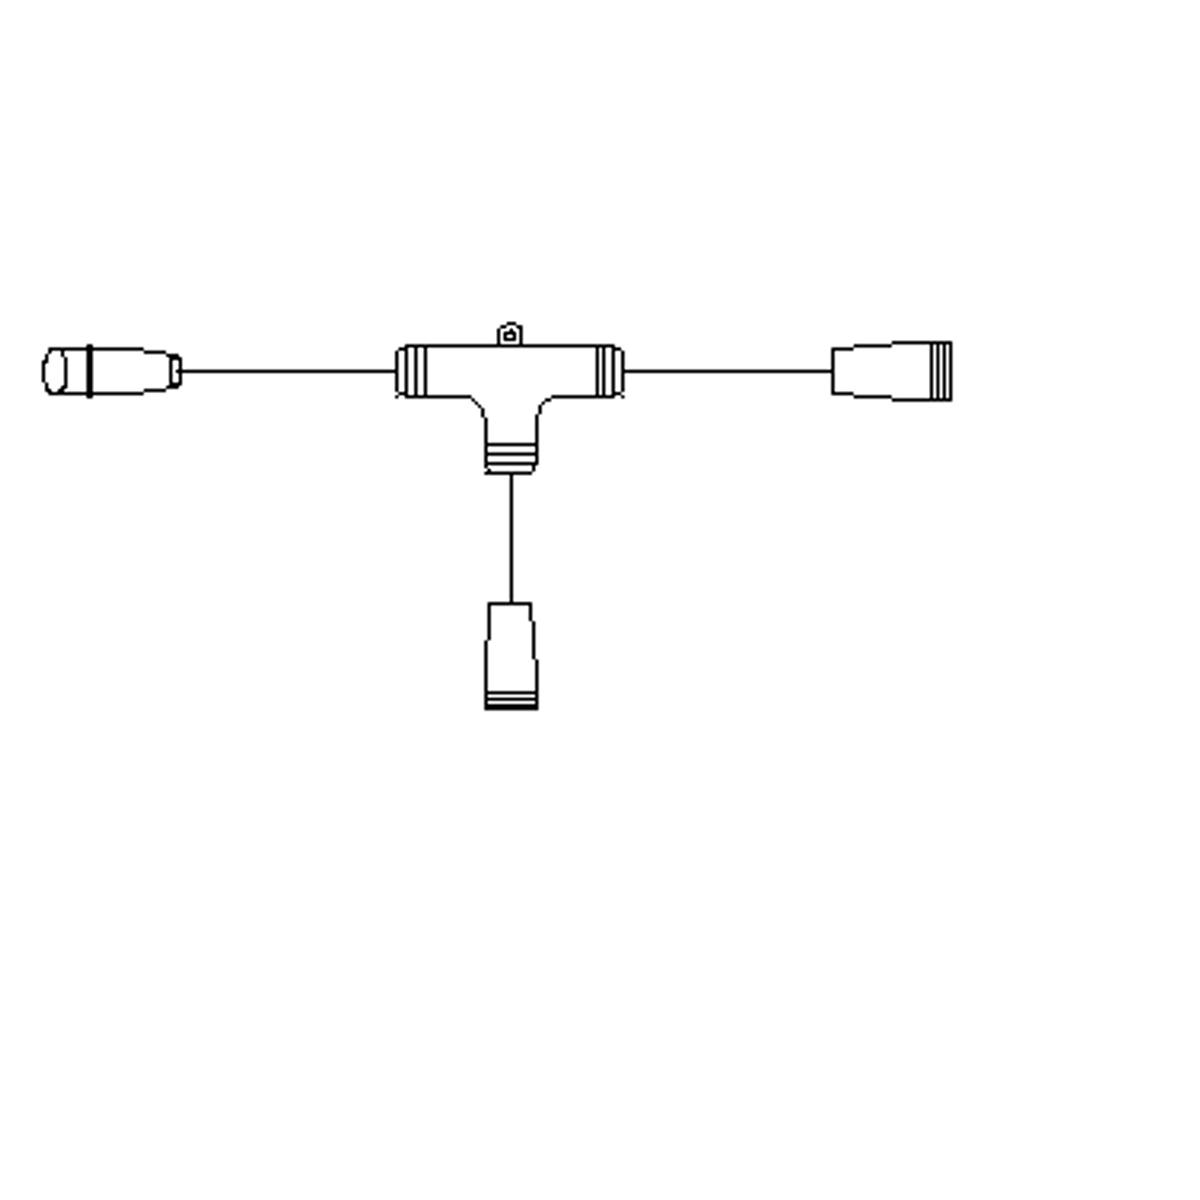 T-kobling til julelys, snøkrystaller og LED-figurer